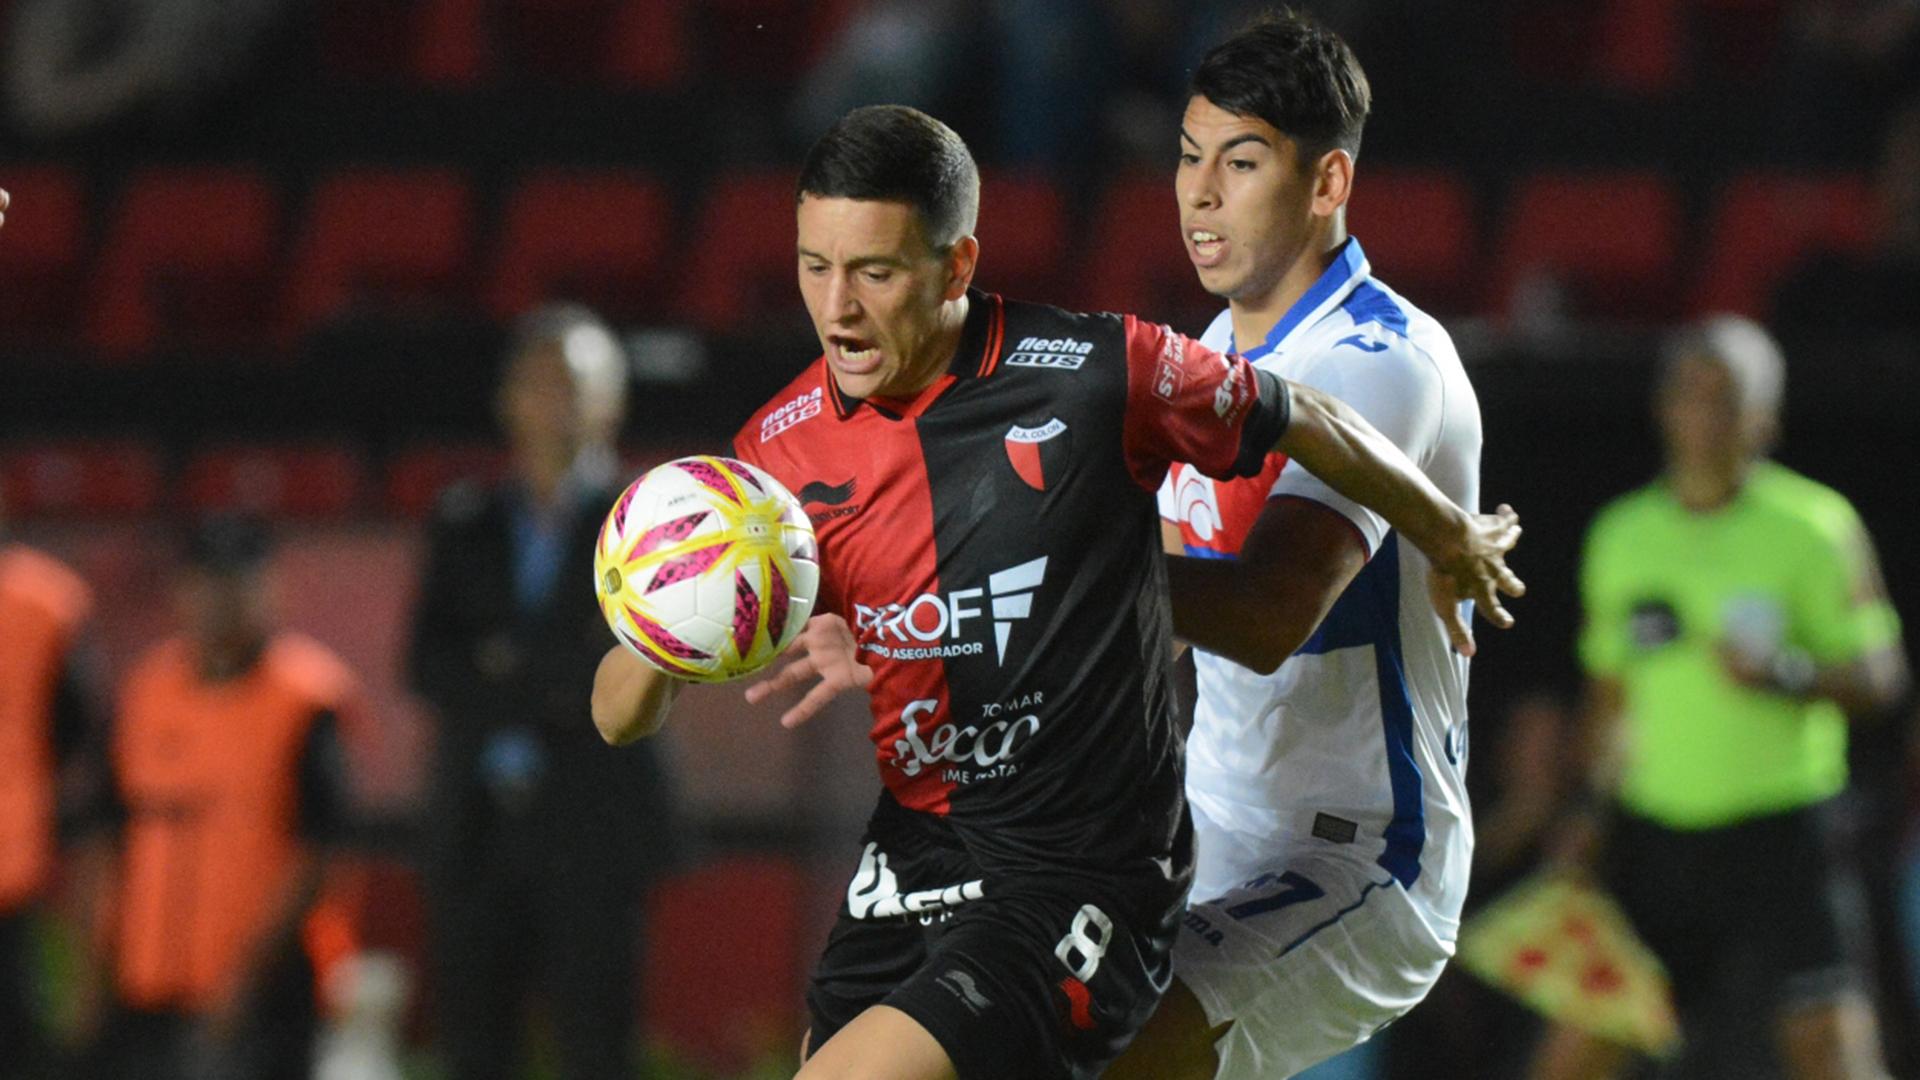 Tigre y Colón igualaron sin goles en Santa Fe Foto: Luis Cetraro/Telam